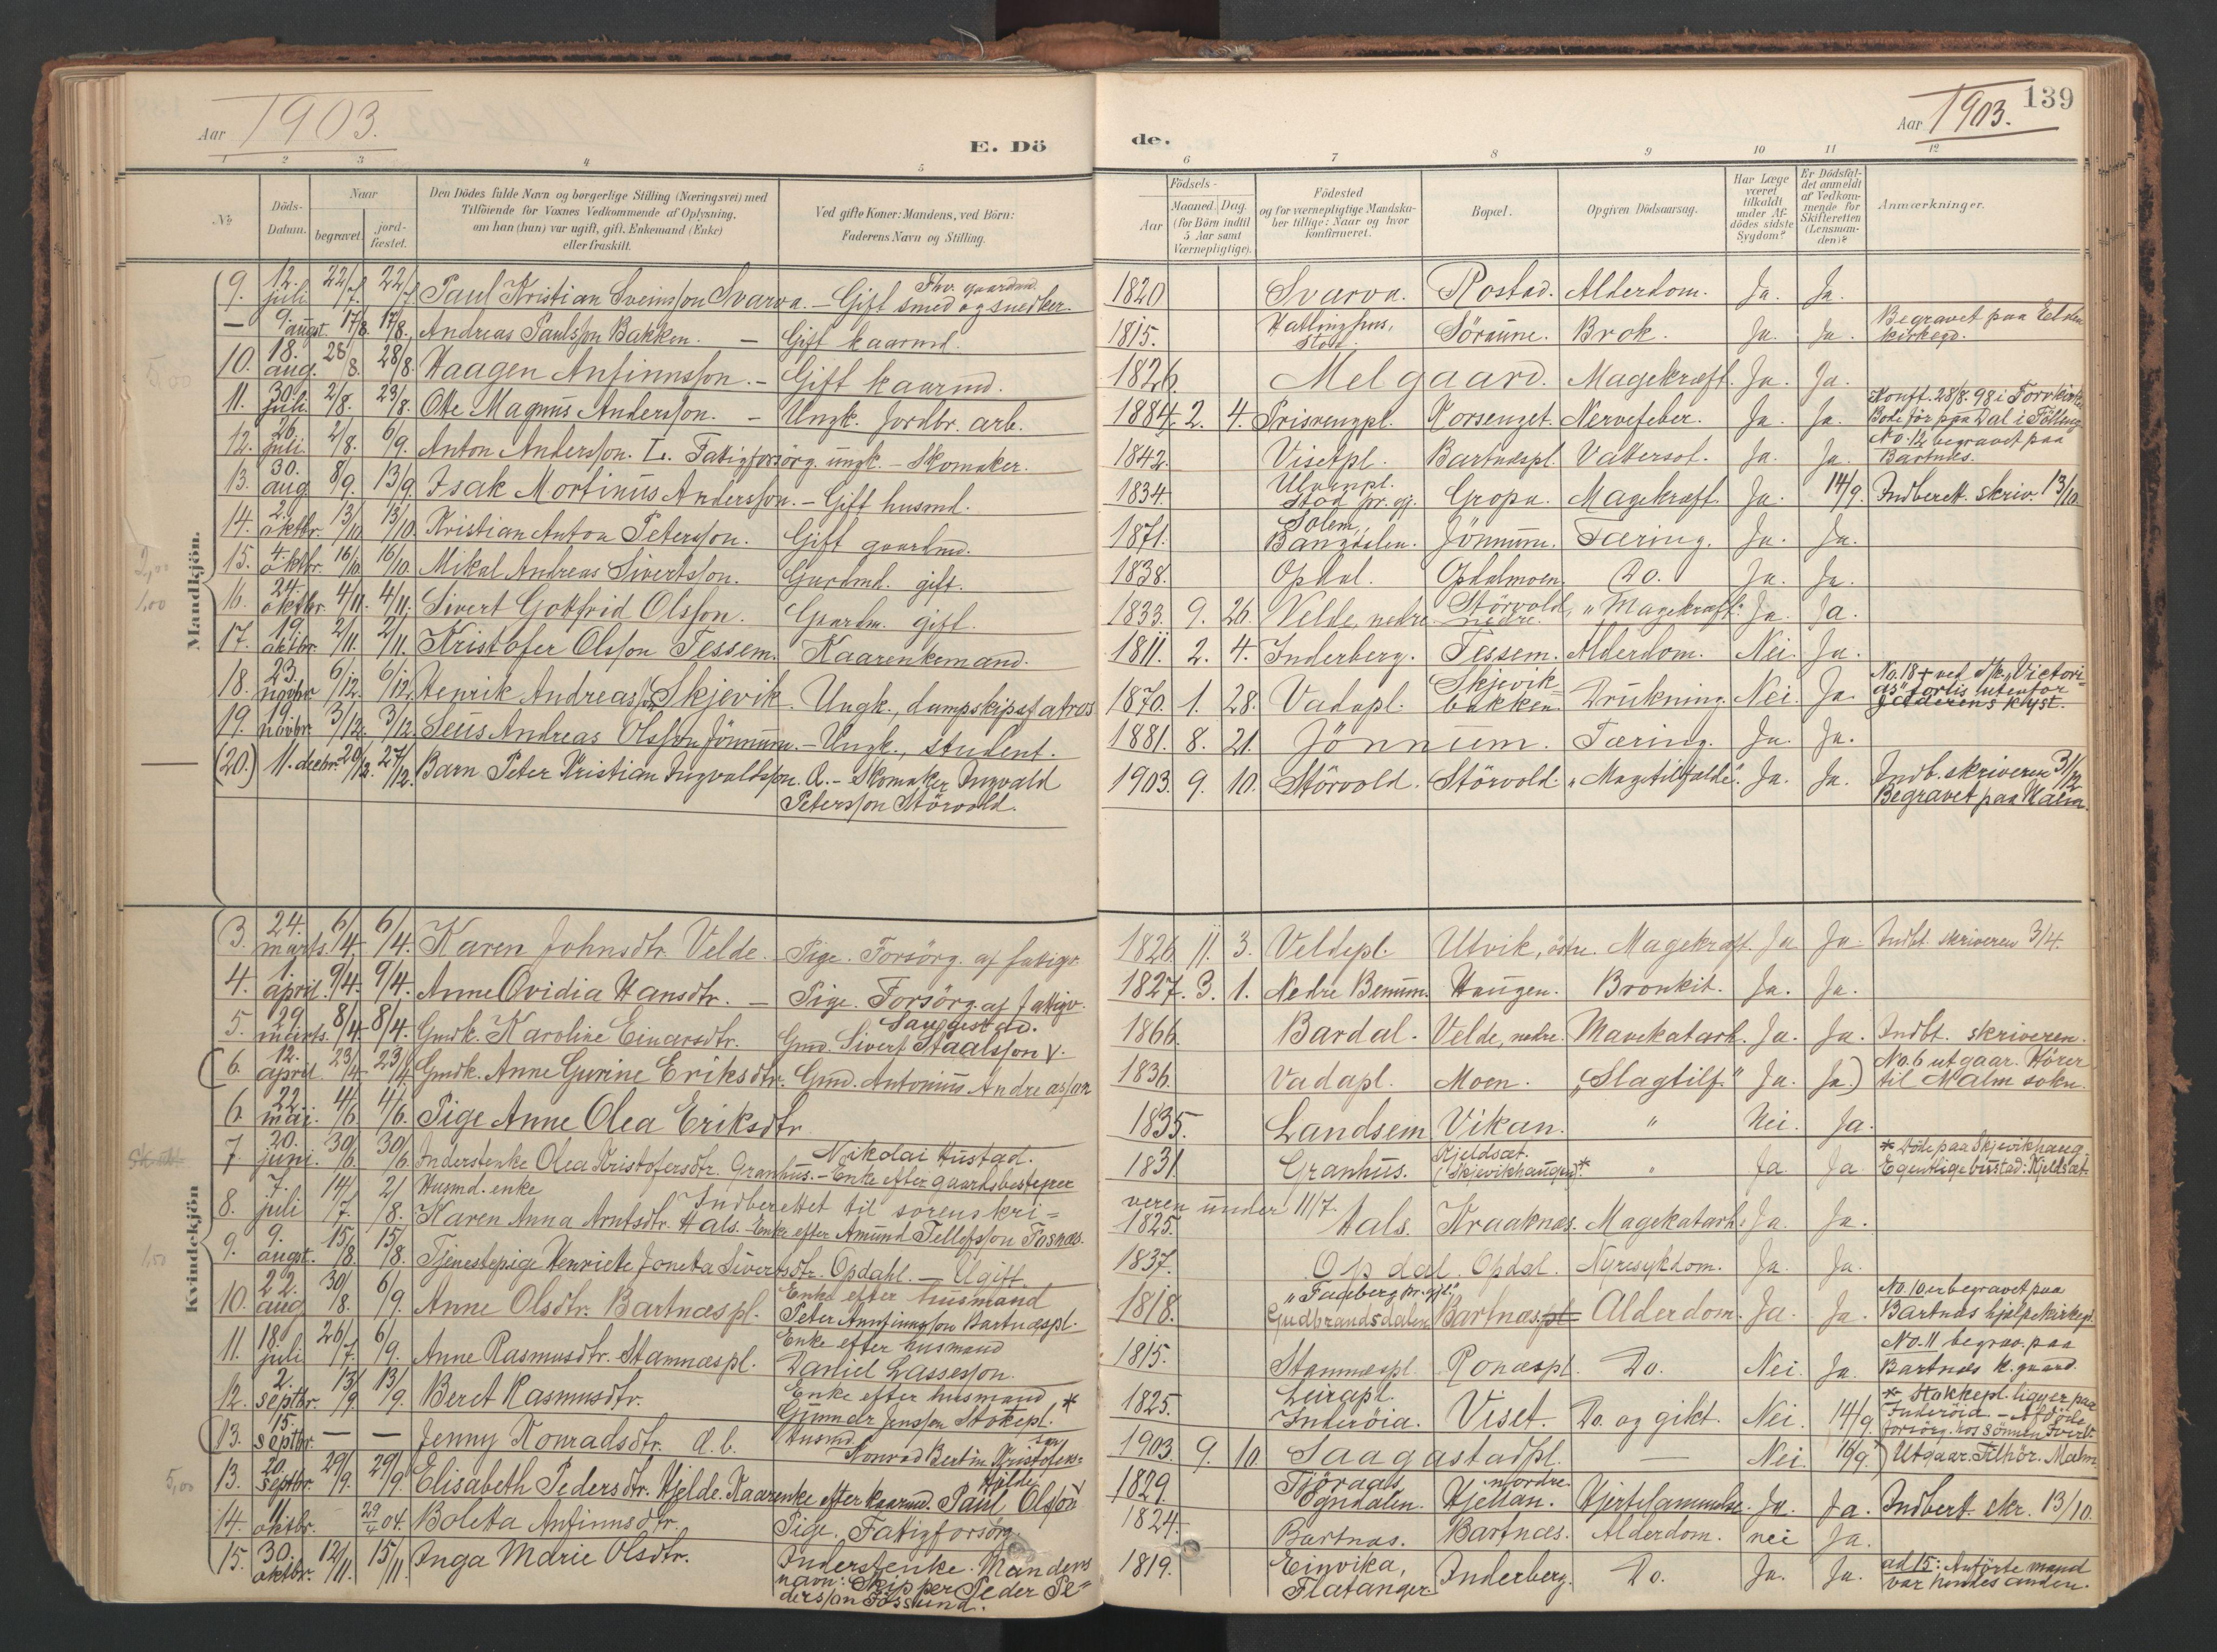 SAT, Ministerialprotokoller, klokkerbøker og fødselsregistre - Nord-Trøndelag, 741/L0397: Ministerialbok nr. 741A11, 1901-1911, s. 139